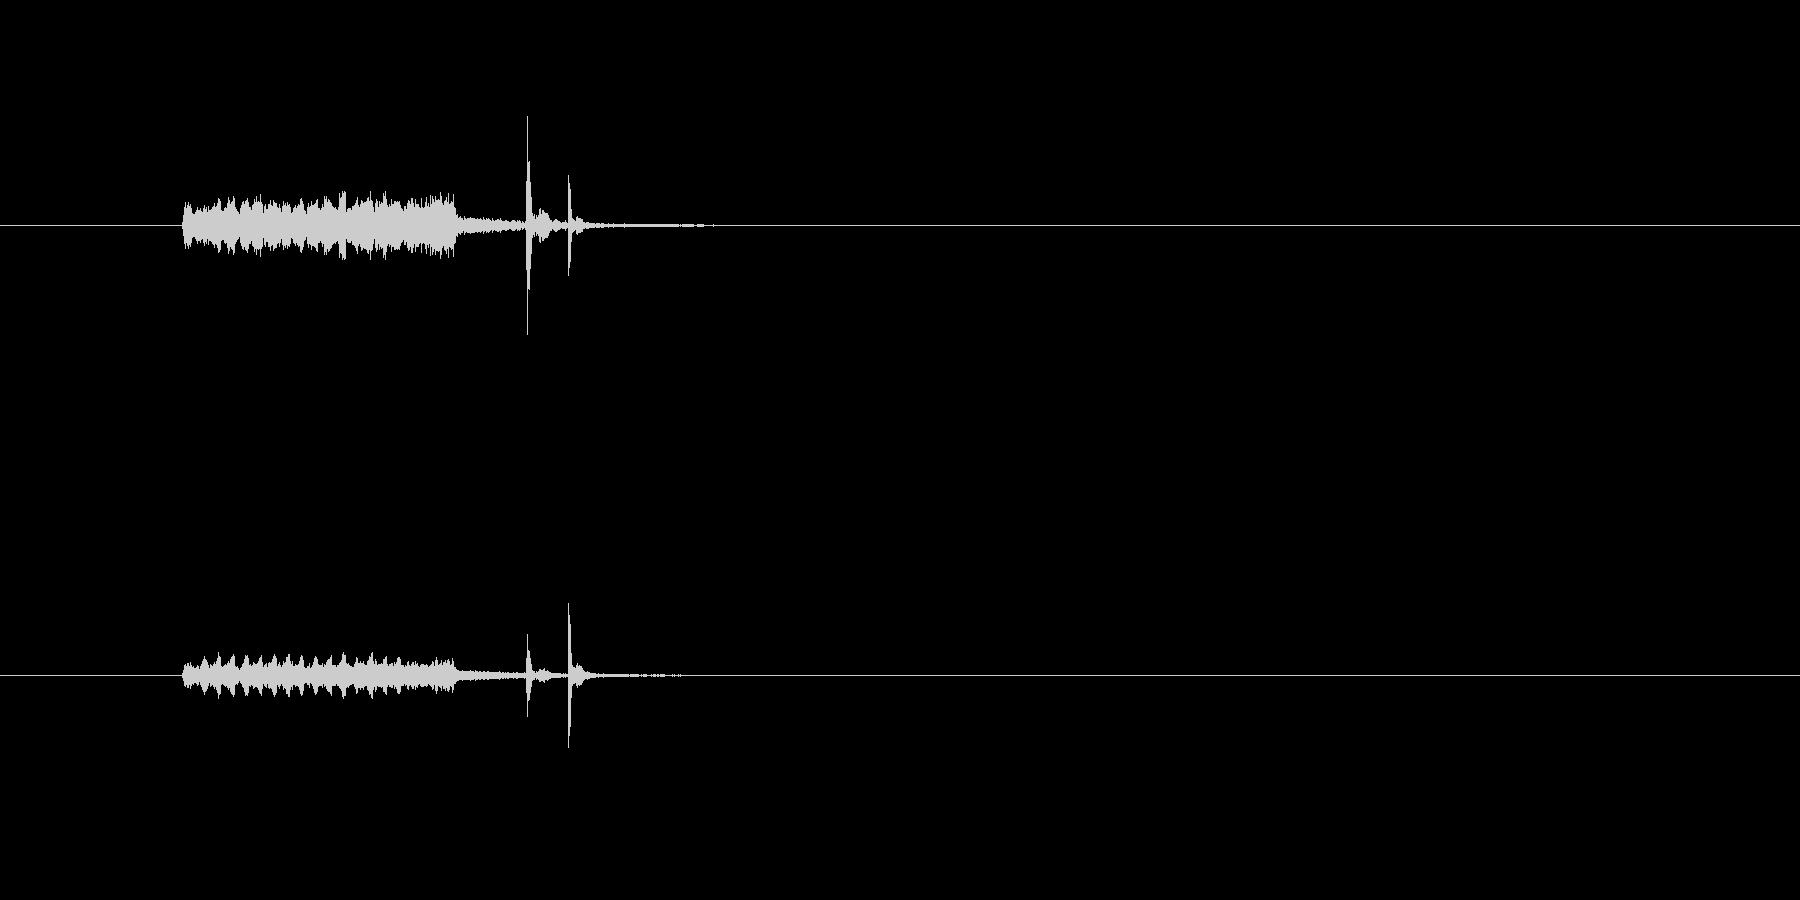 シンセサイザー コミカル 打楽器の未再生の波形